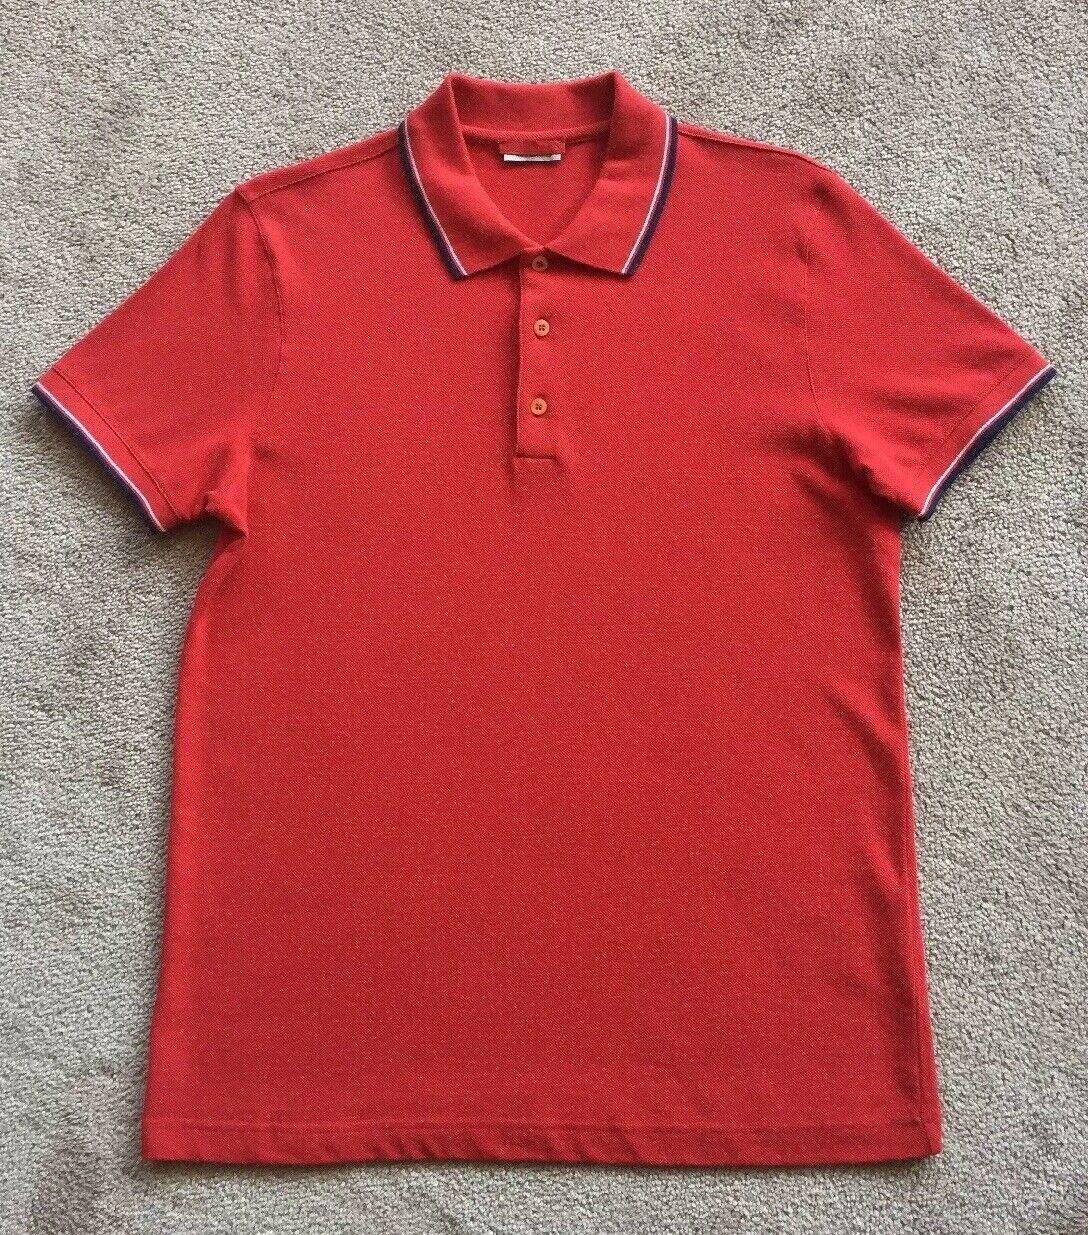 Prada Milano Men's L Short Sleeve Button Up Polo Red 100% Cotton